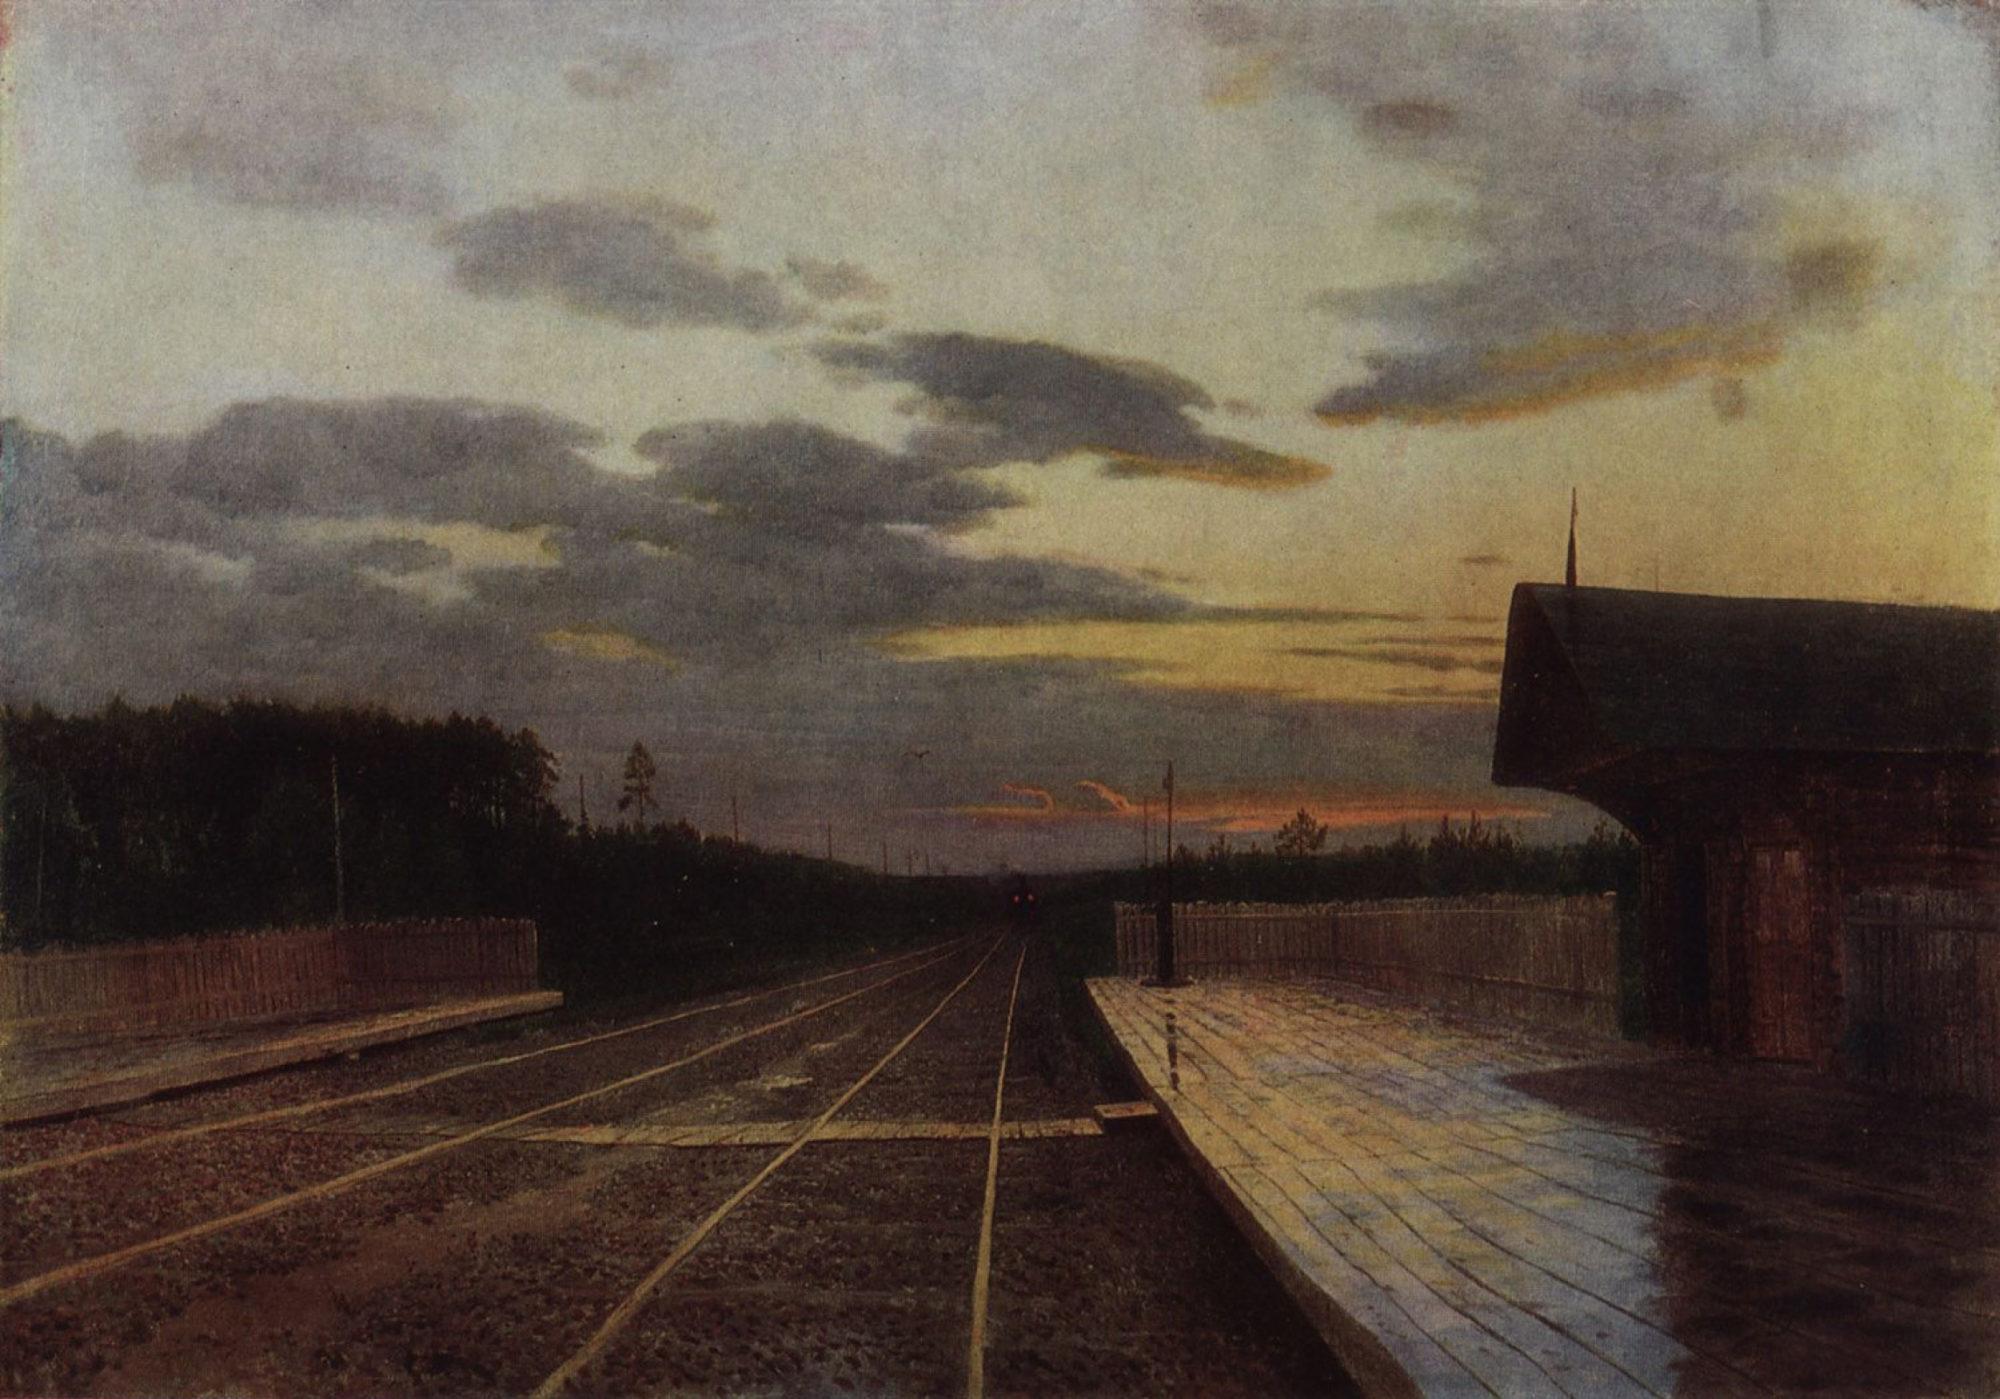 Исаак Левитан, 1879 год, картина «Вечер после дождя».